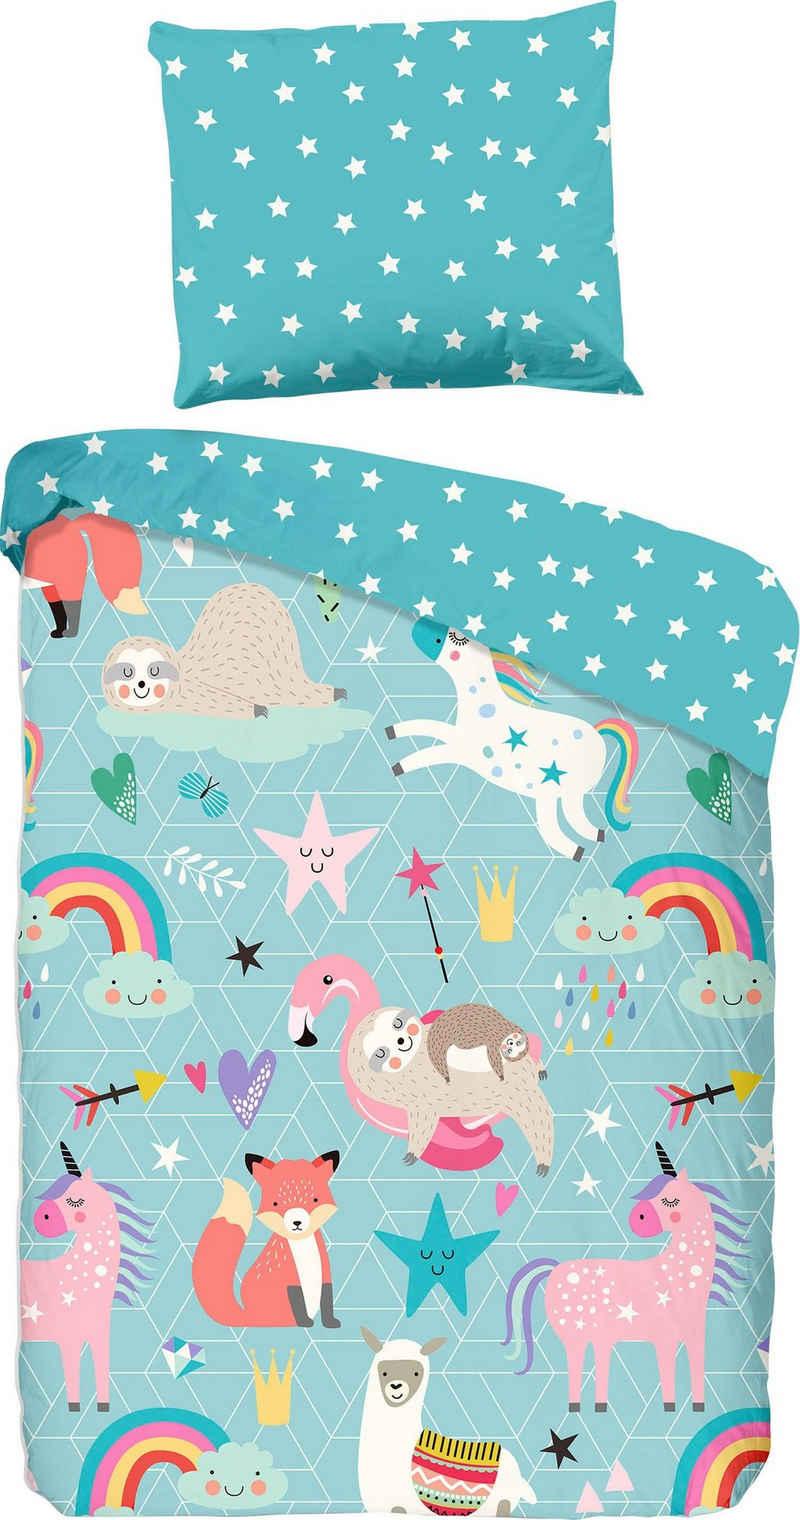 Kinderbettwäsche »Moody«, good morning, mit kindlichem Tierprint